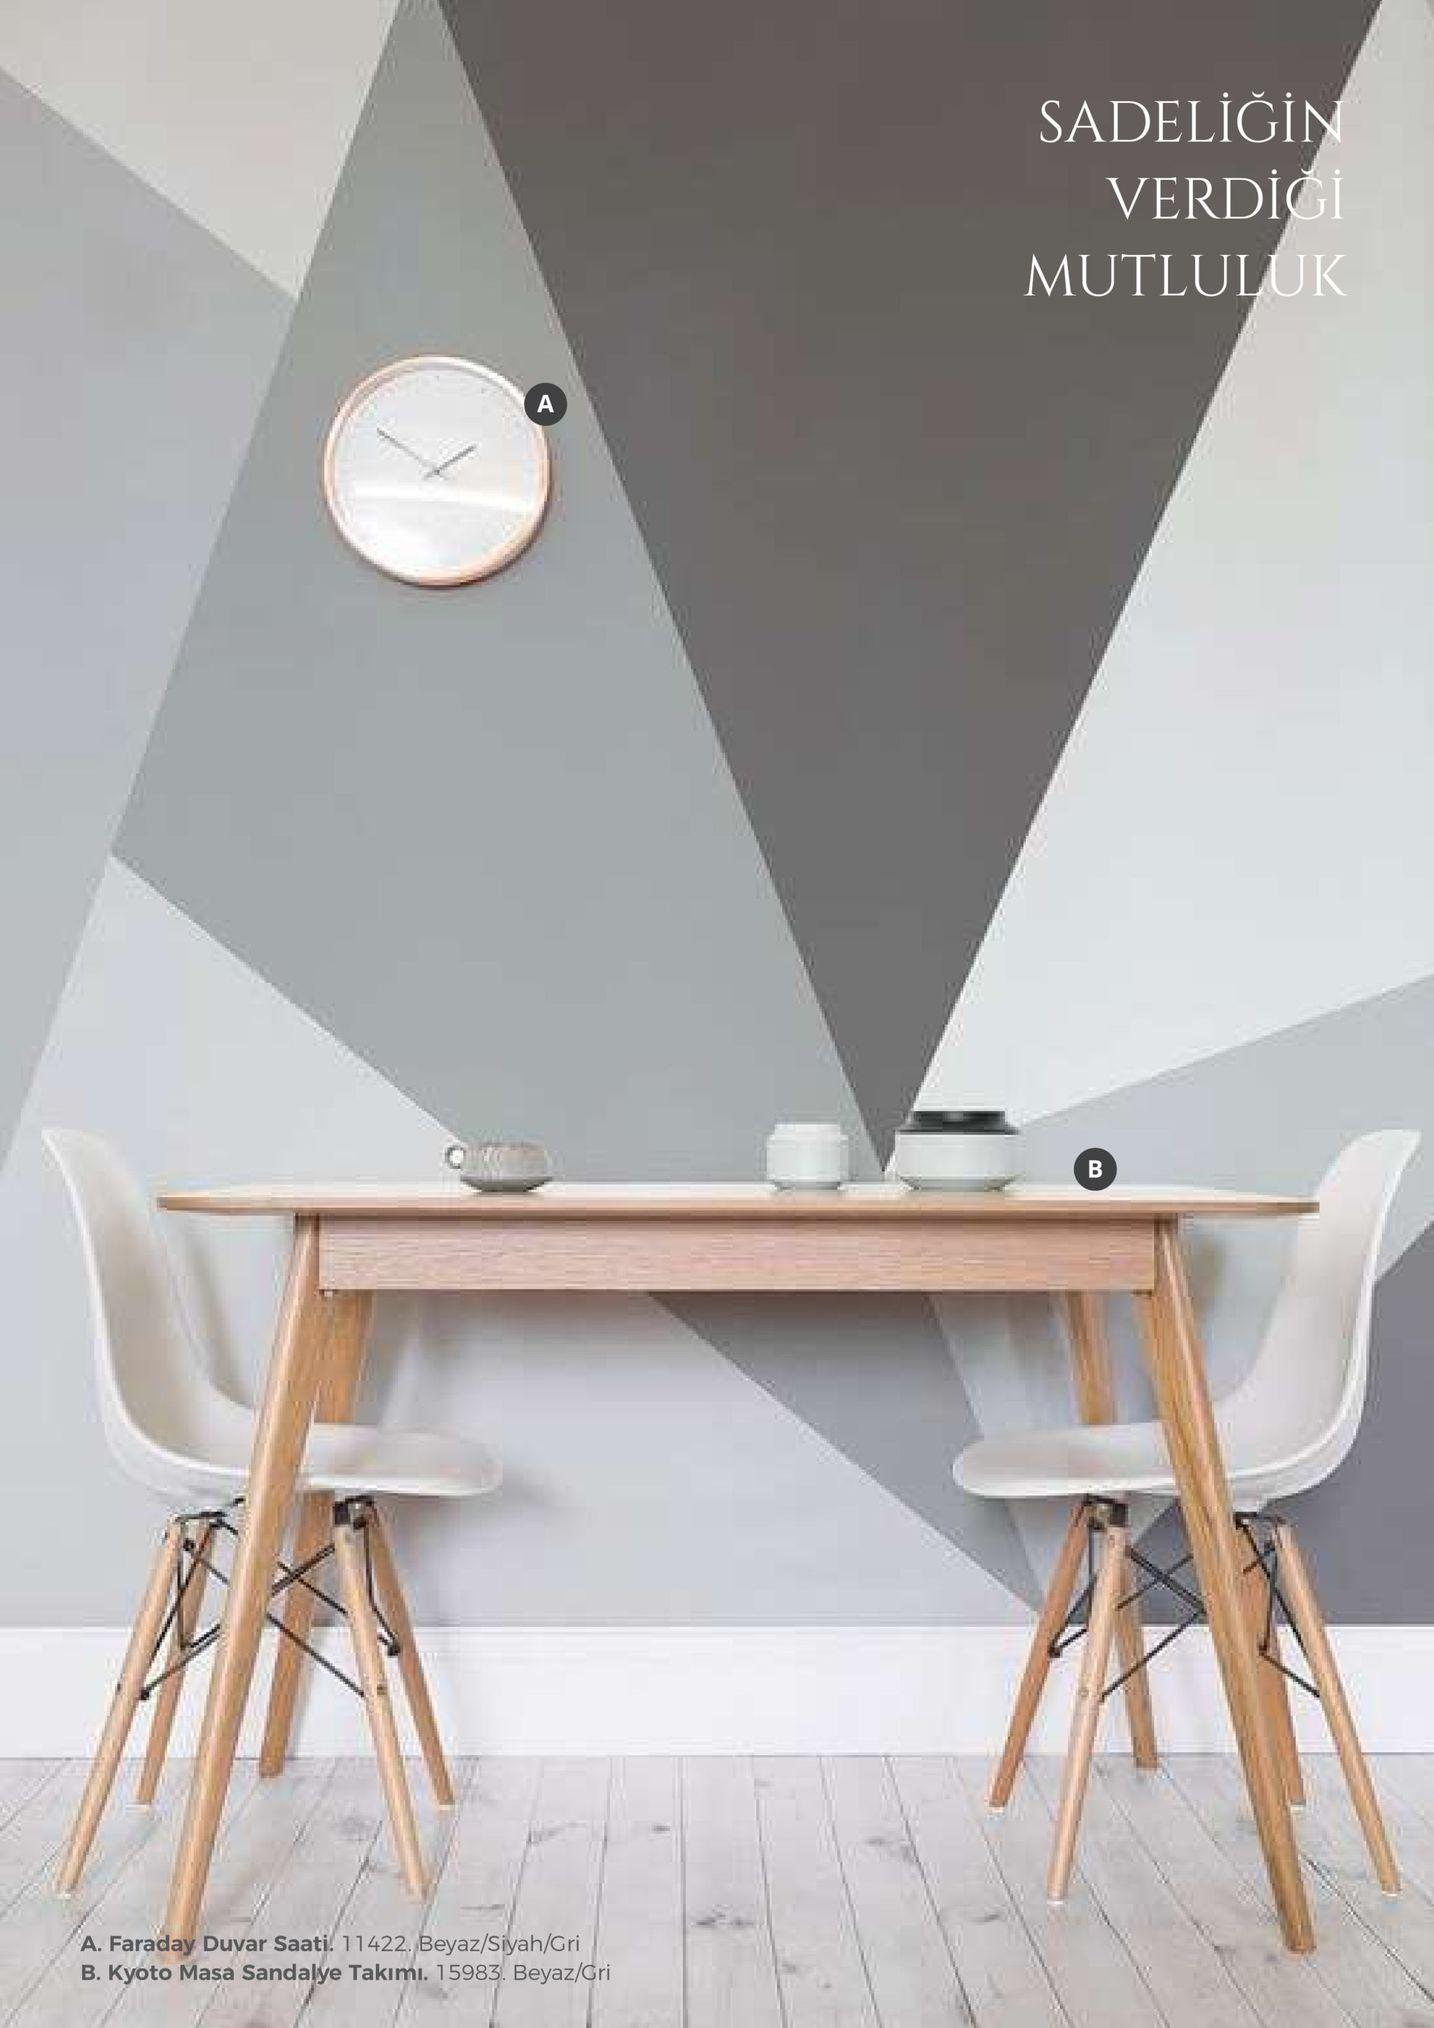 sa deliği verdici mutluluk a. faraday duvar saati 11422, beyaz/siyah/gri b. kyoto masa sandalye takimi. 15983. beyaz/cri